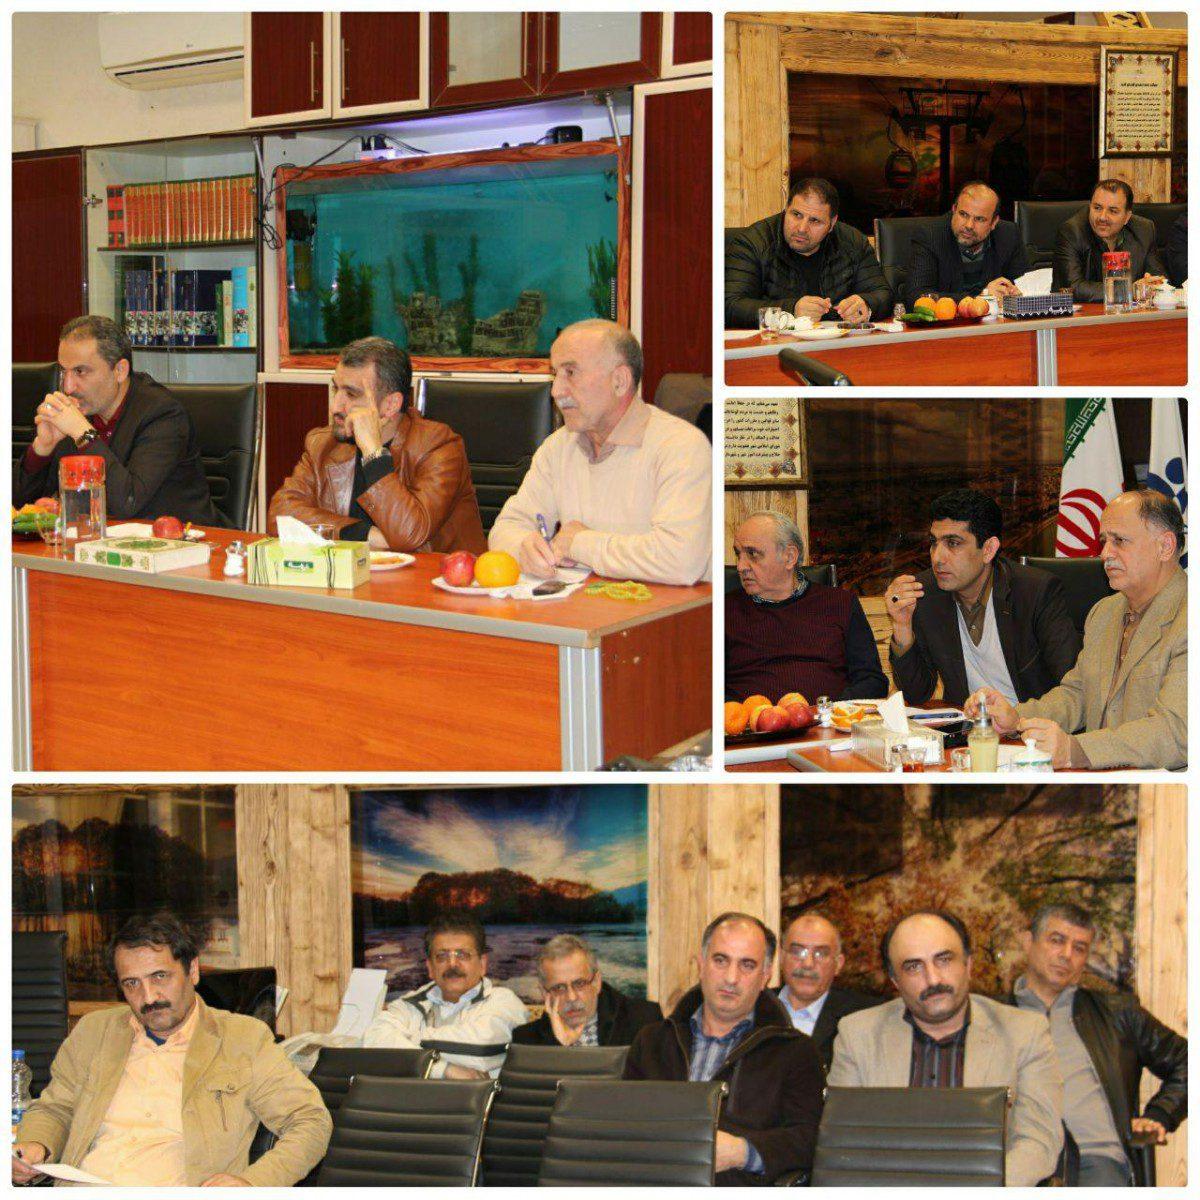 پنجاه و یکمین جلسه شوراي شهر لاهیجان تشکیل شد + عکس